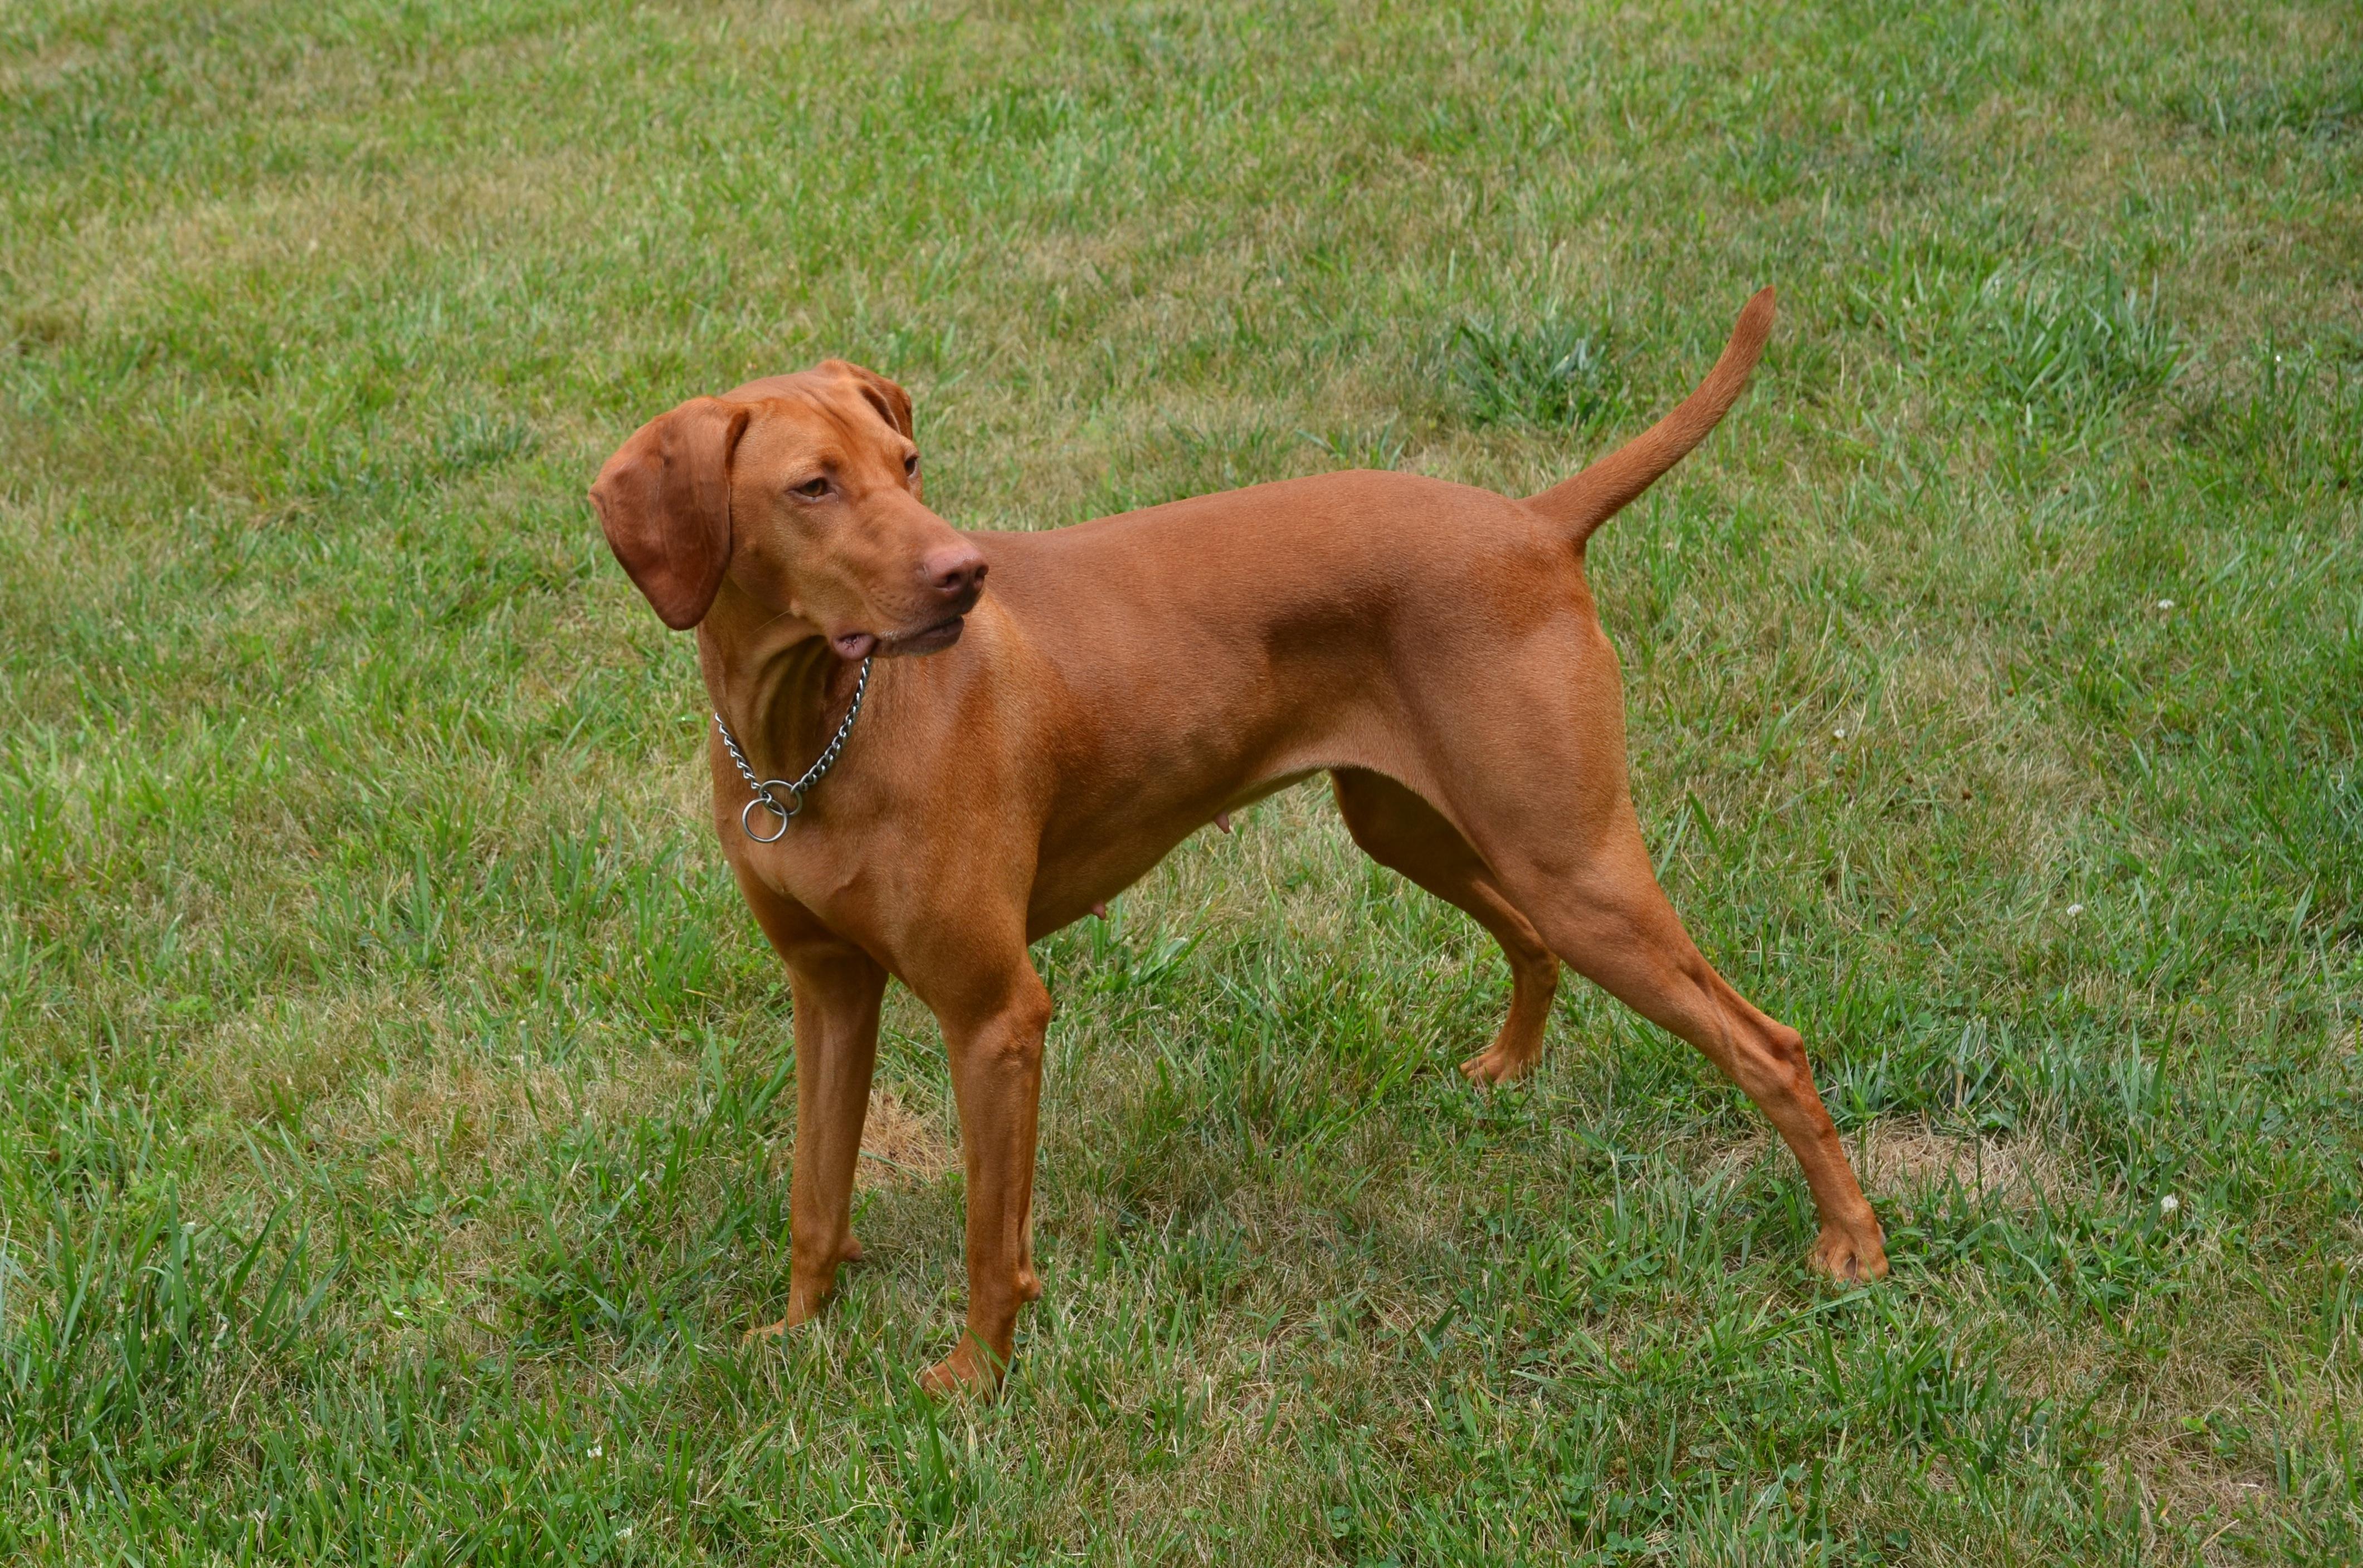 Kutya Kennels - Vizsla Puppies in Massachusetts and ILlinois